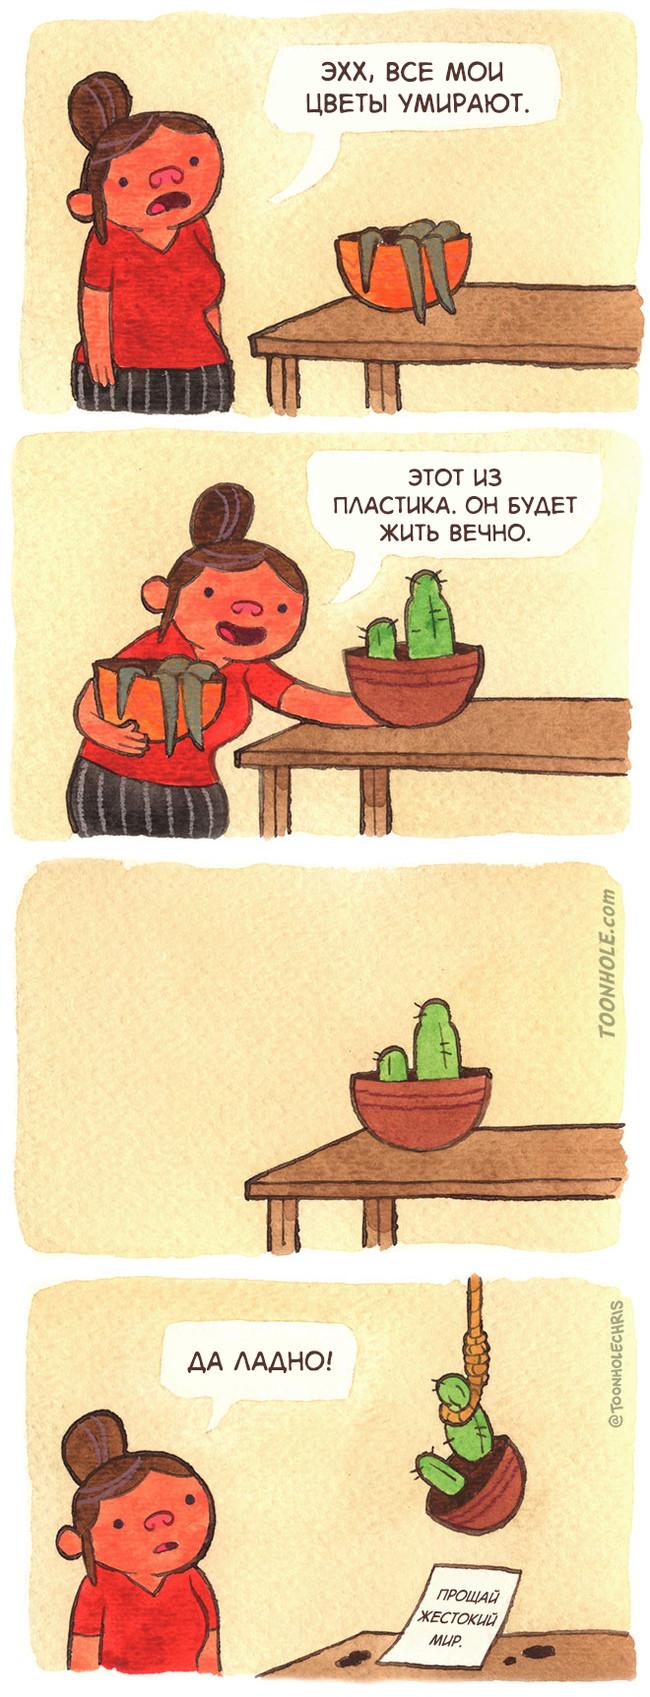 Проблемы с цветами Комиксы, Toonhole, Цветы, Растения, Шутка, Юмор, Длиннопост